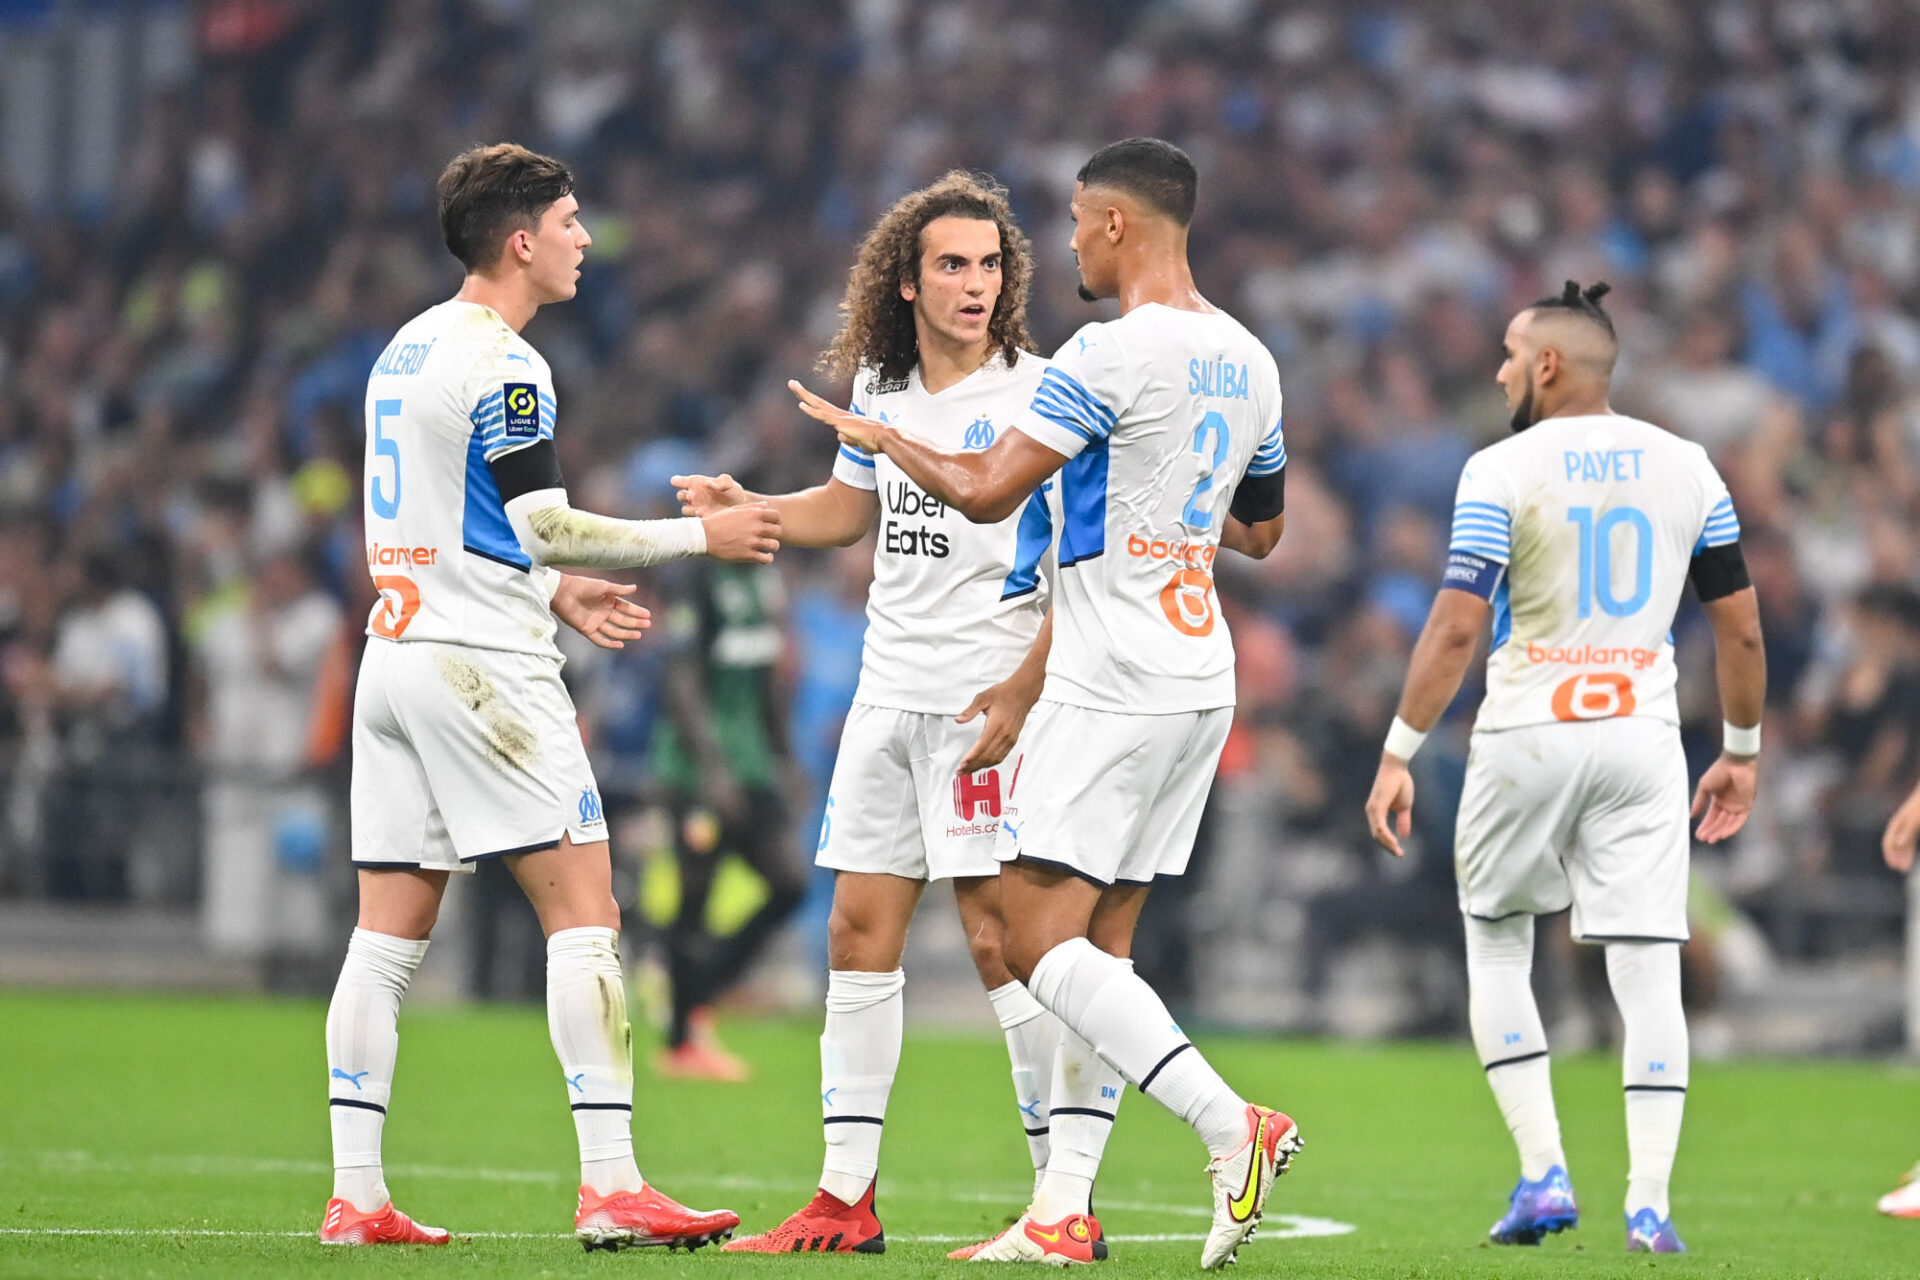 Mattéo Guendouzi irriterait certains coéquipiers par son comportement. Icon Sport